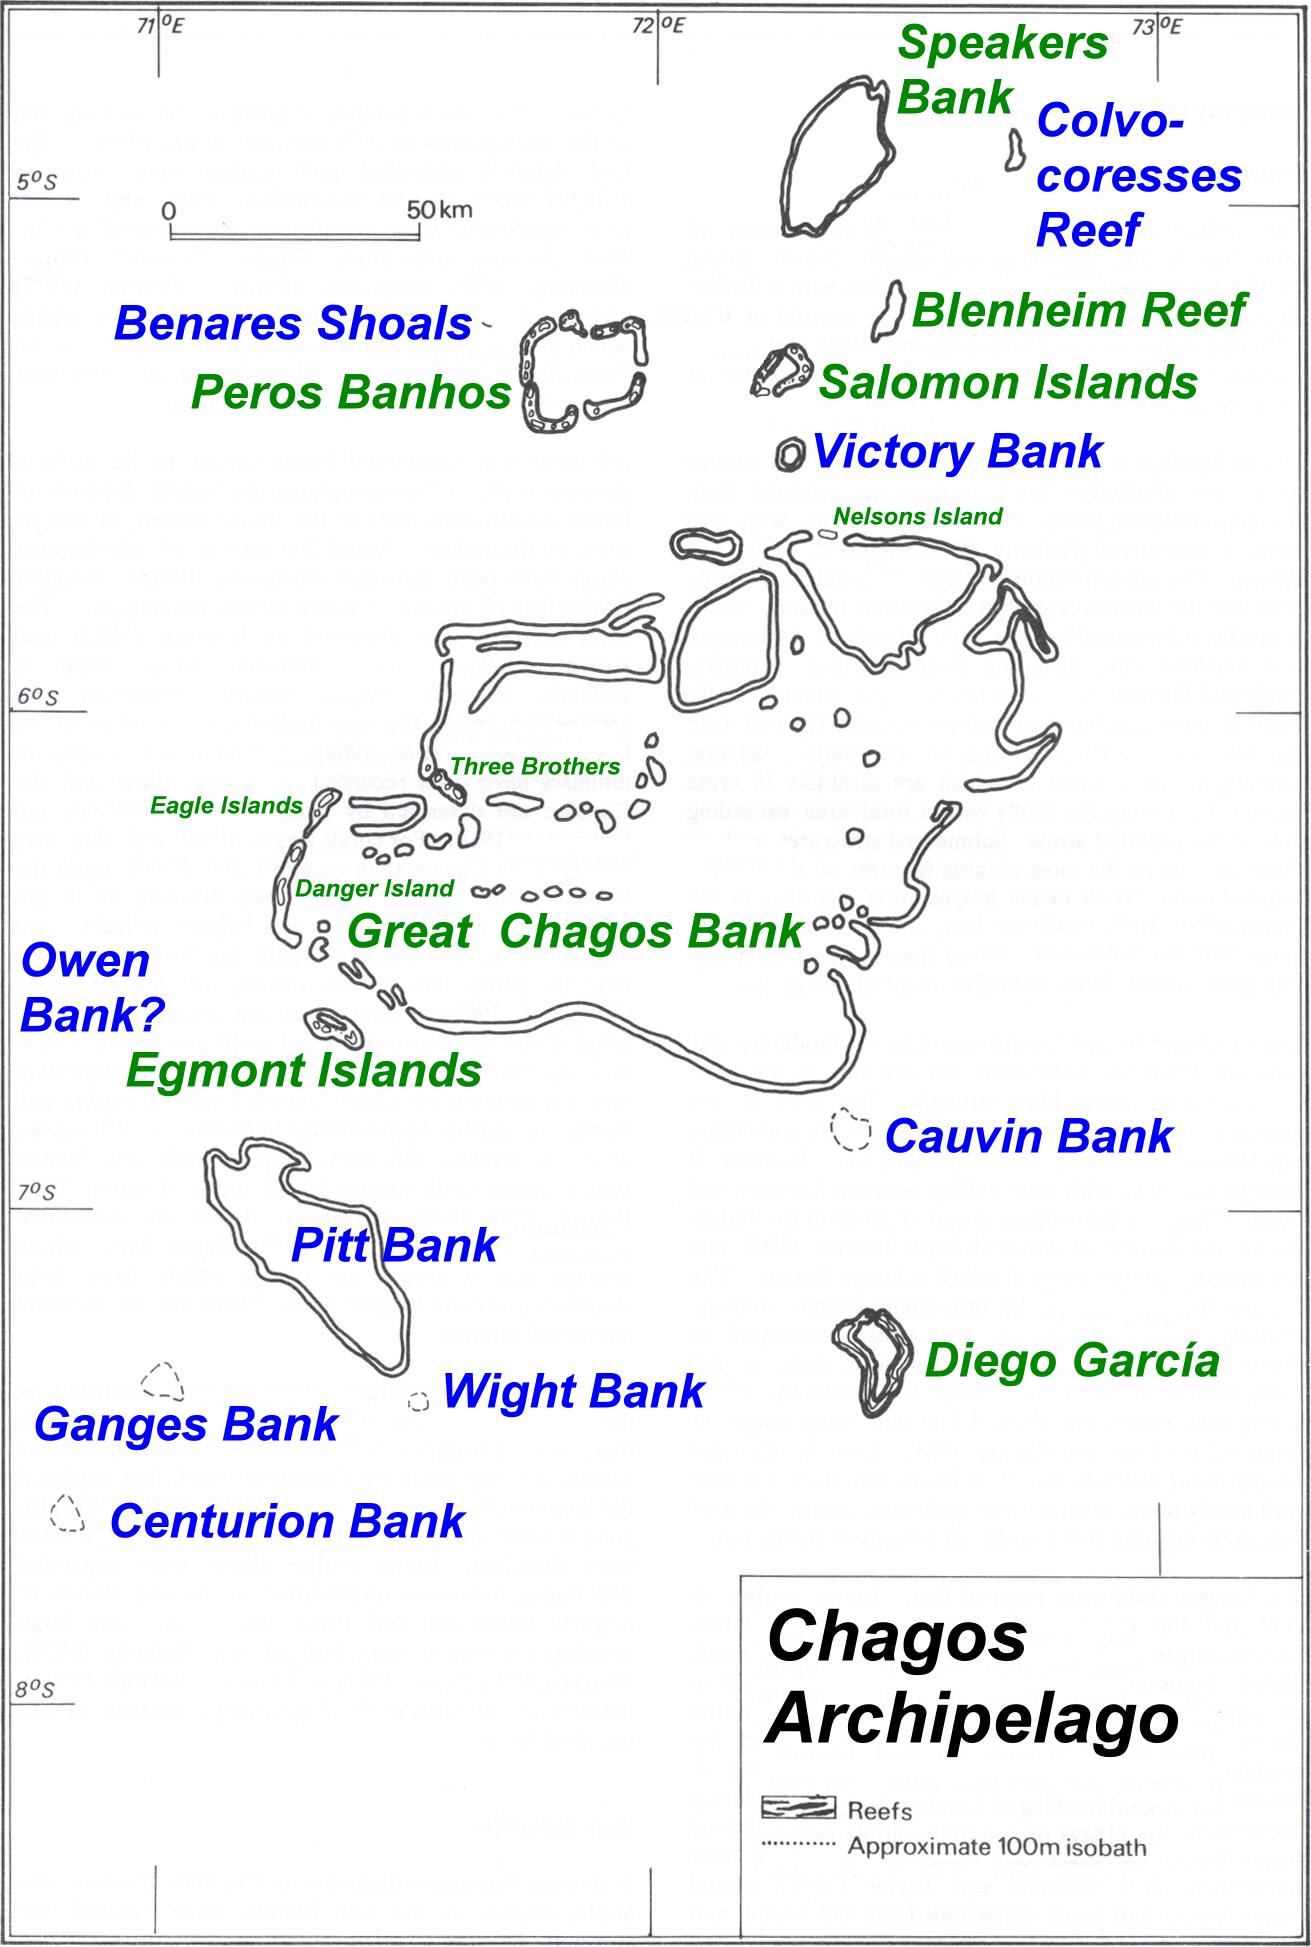 Νέλσονς Νήσος